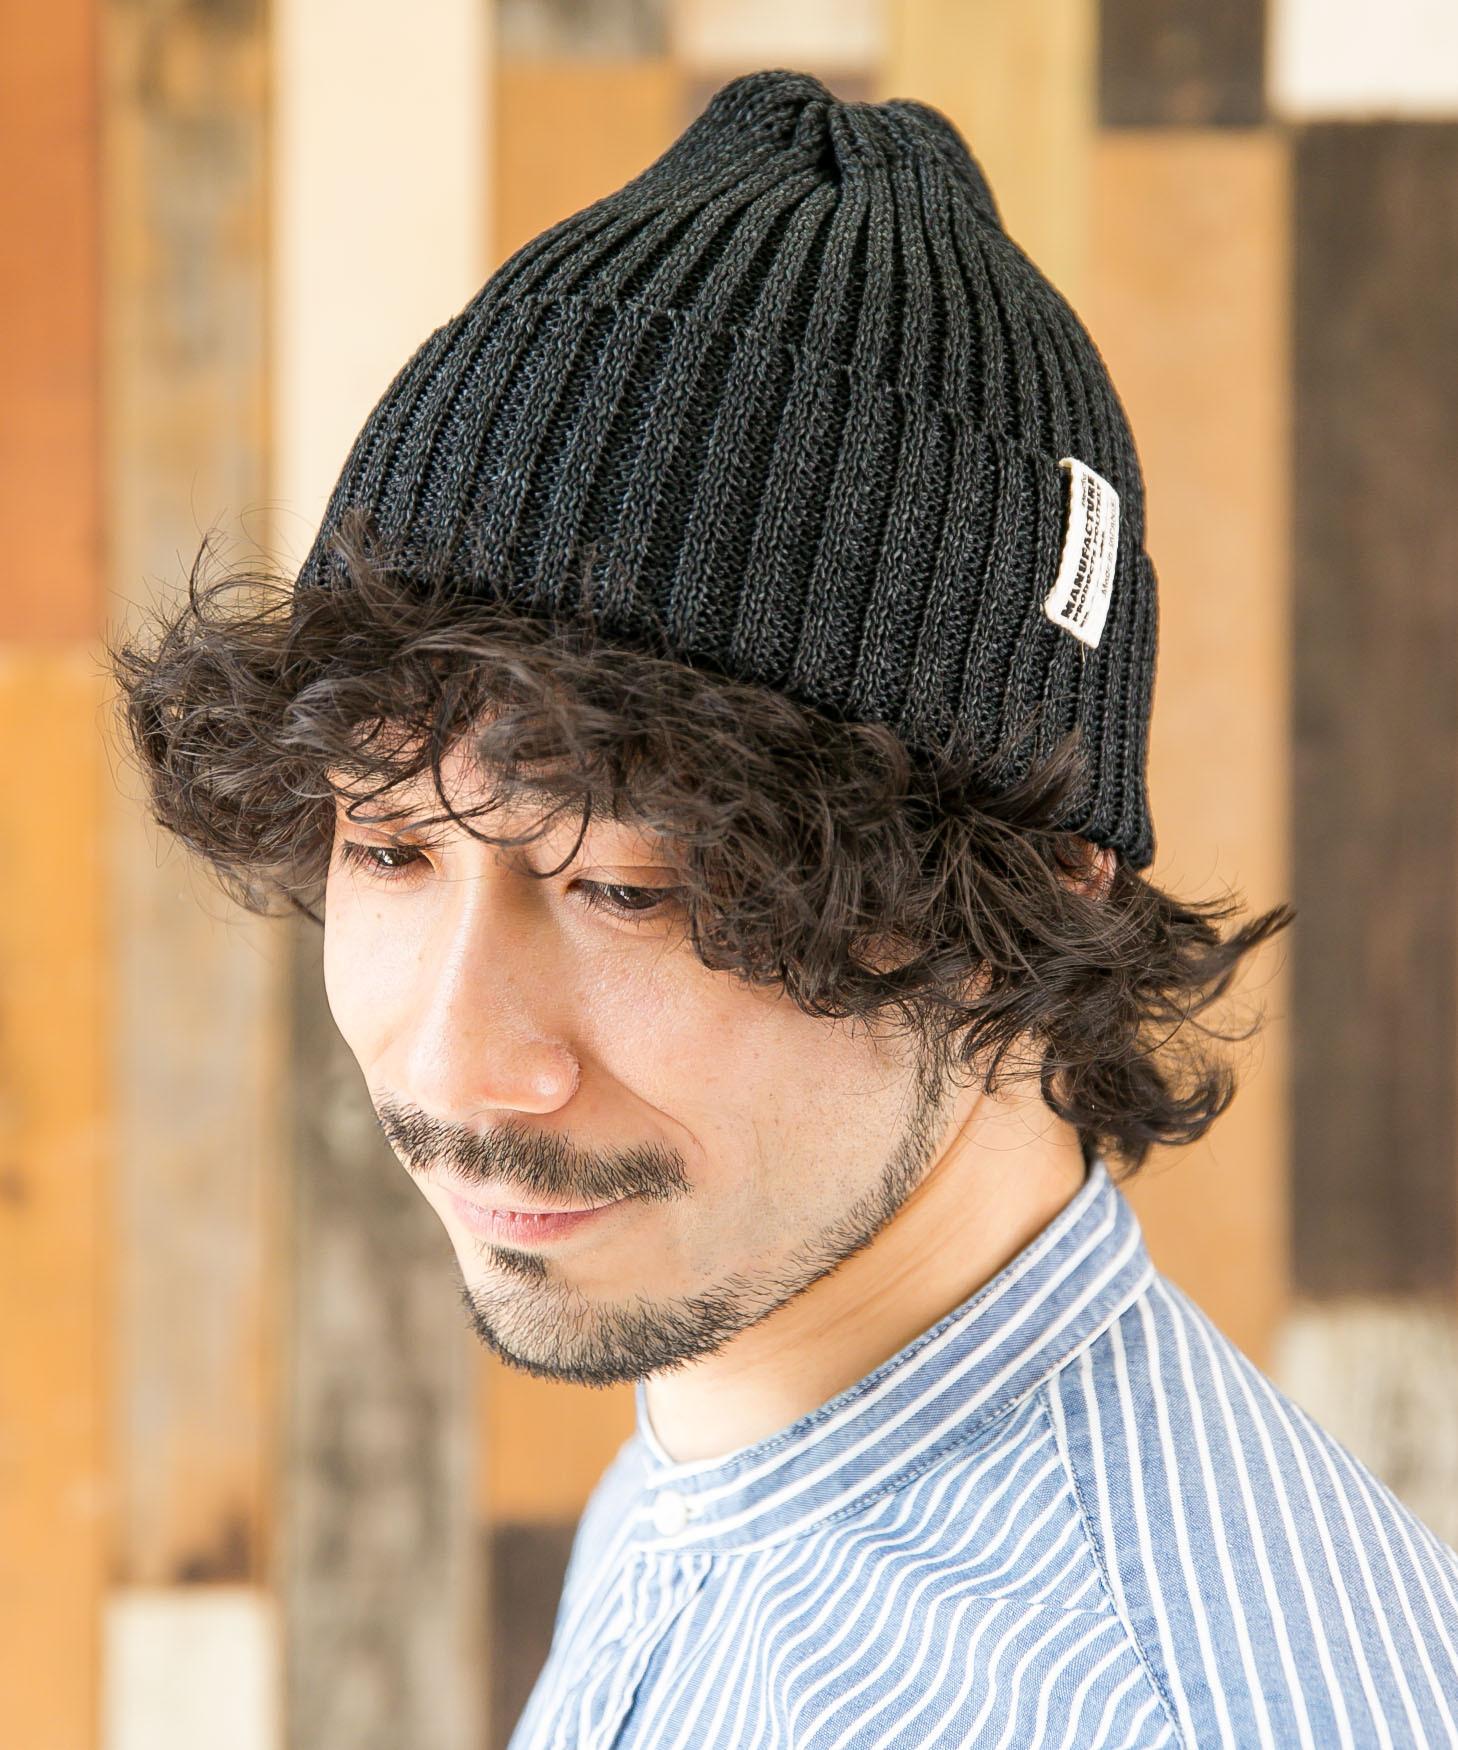 NELO Knit Cap 【ネロニットキャップ】